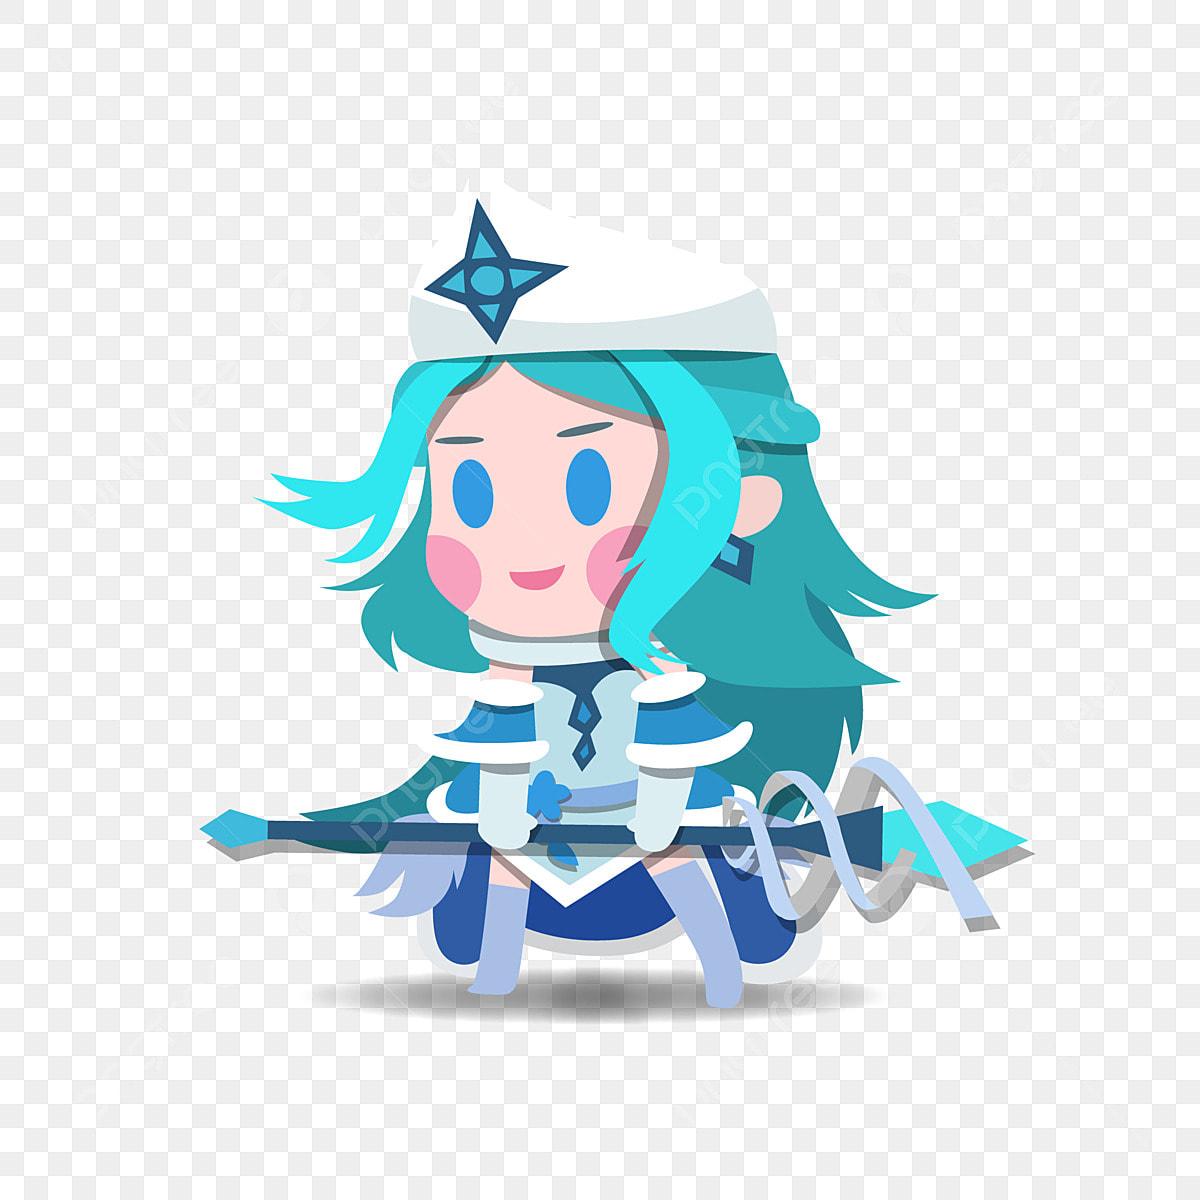 Image Animee A Deux Tetes Vif Et Drole Coquine Robe Bleue Baton De Cristal Anime Baton De Cristal Robe Bleue Png Et Vecteur Pour Telechargement Gratuit